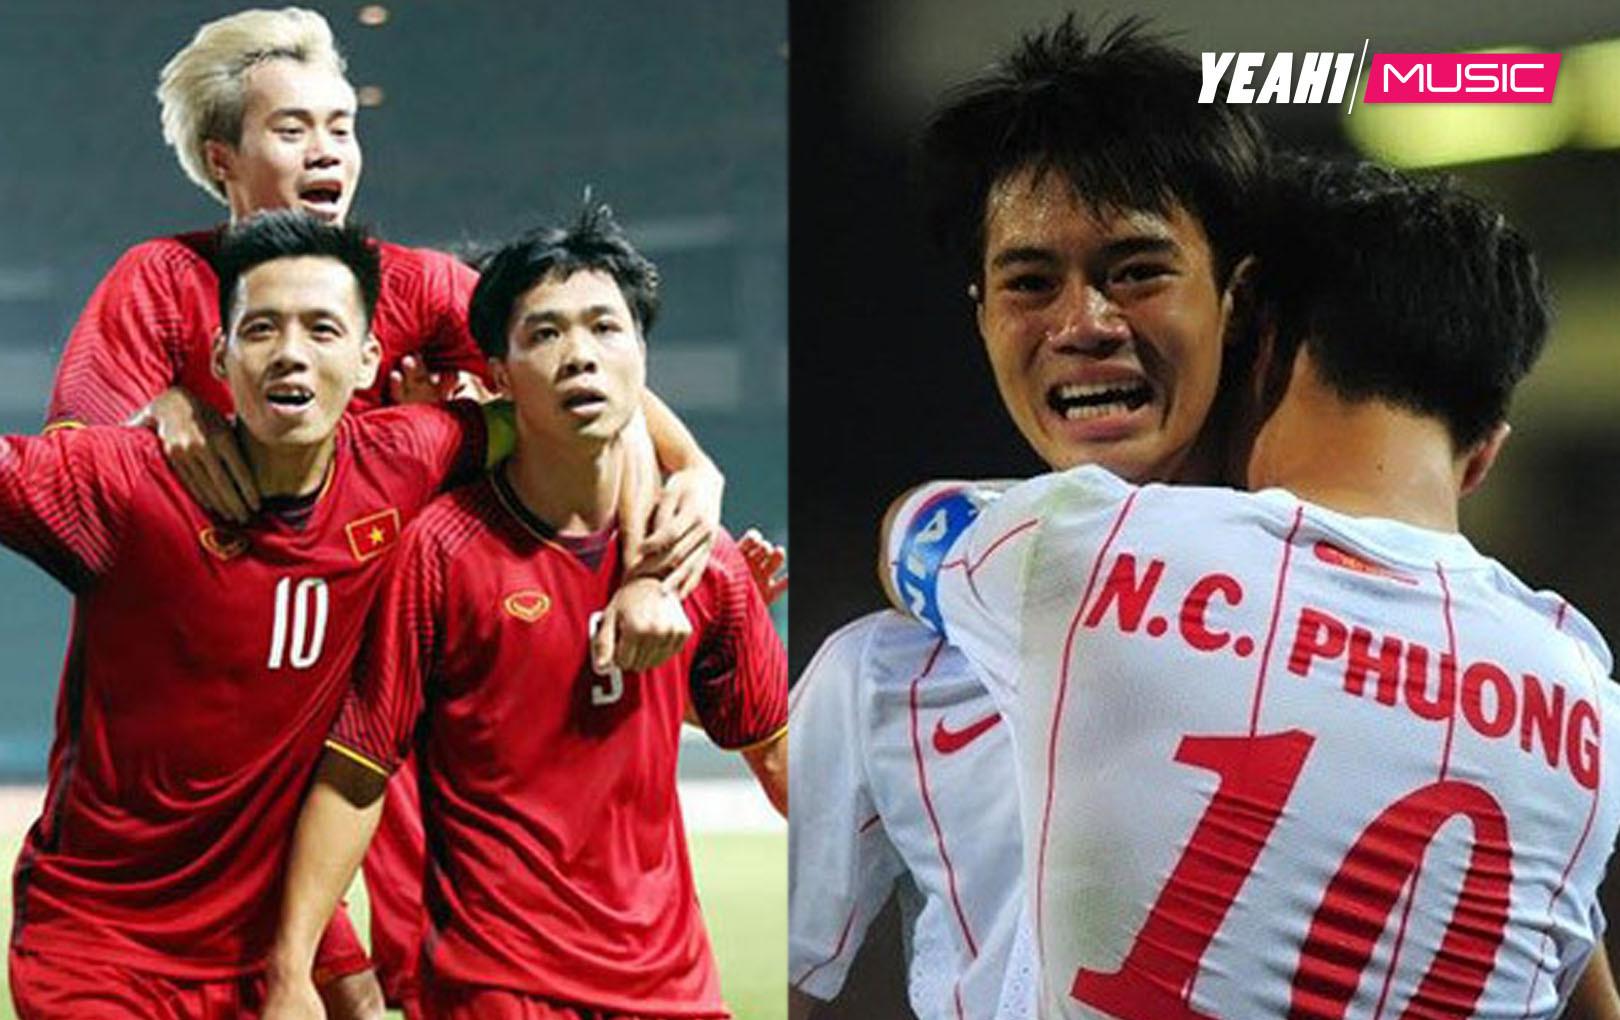 Đội hình ĐT Việt Nam đối đầu Nhật Bản: Văn Toàn trở lại sát cánh cùng Công Phượng?